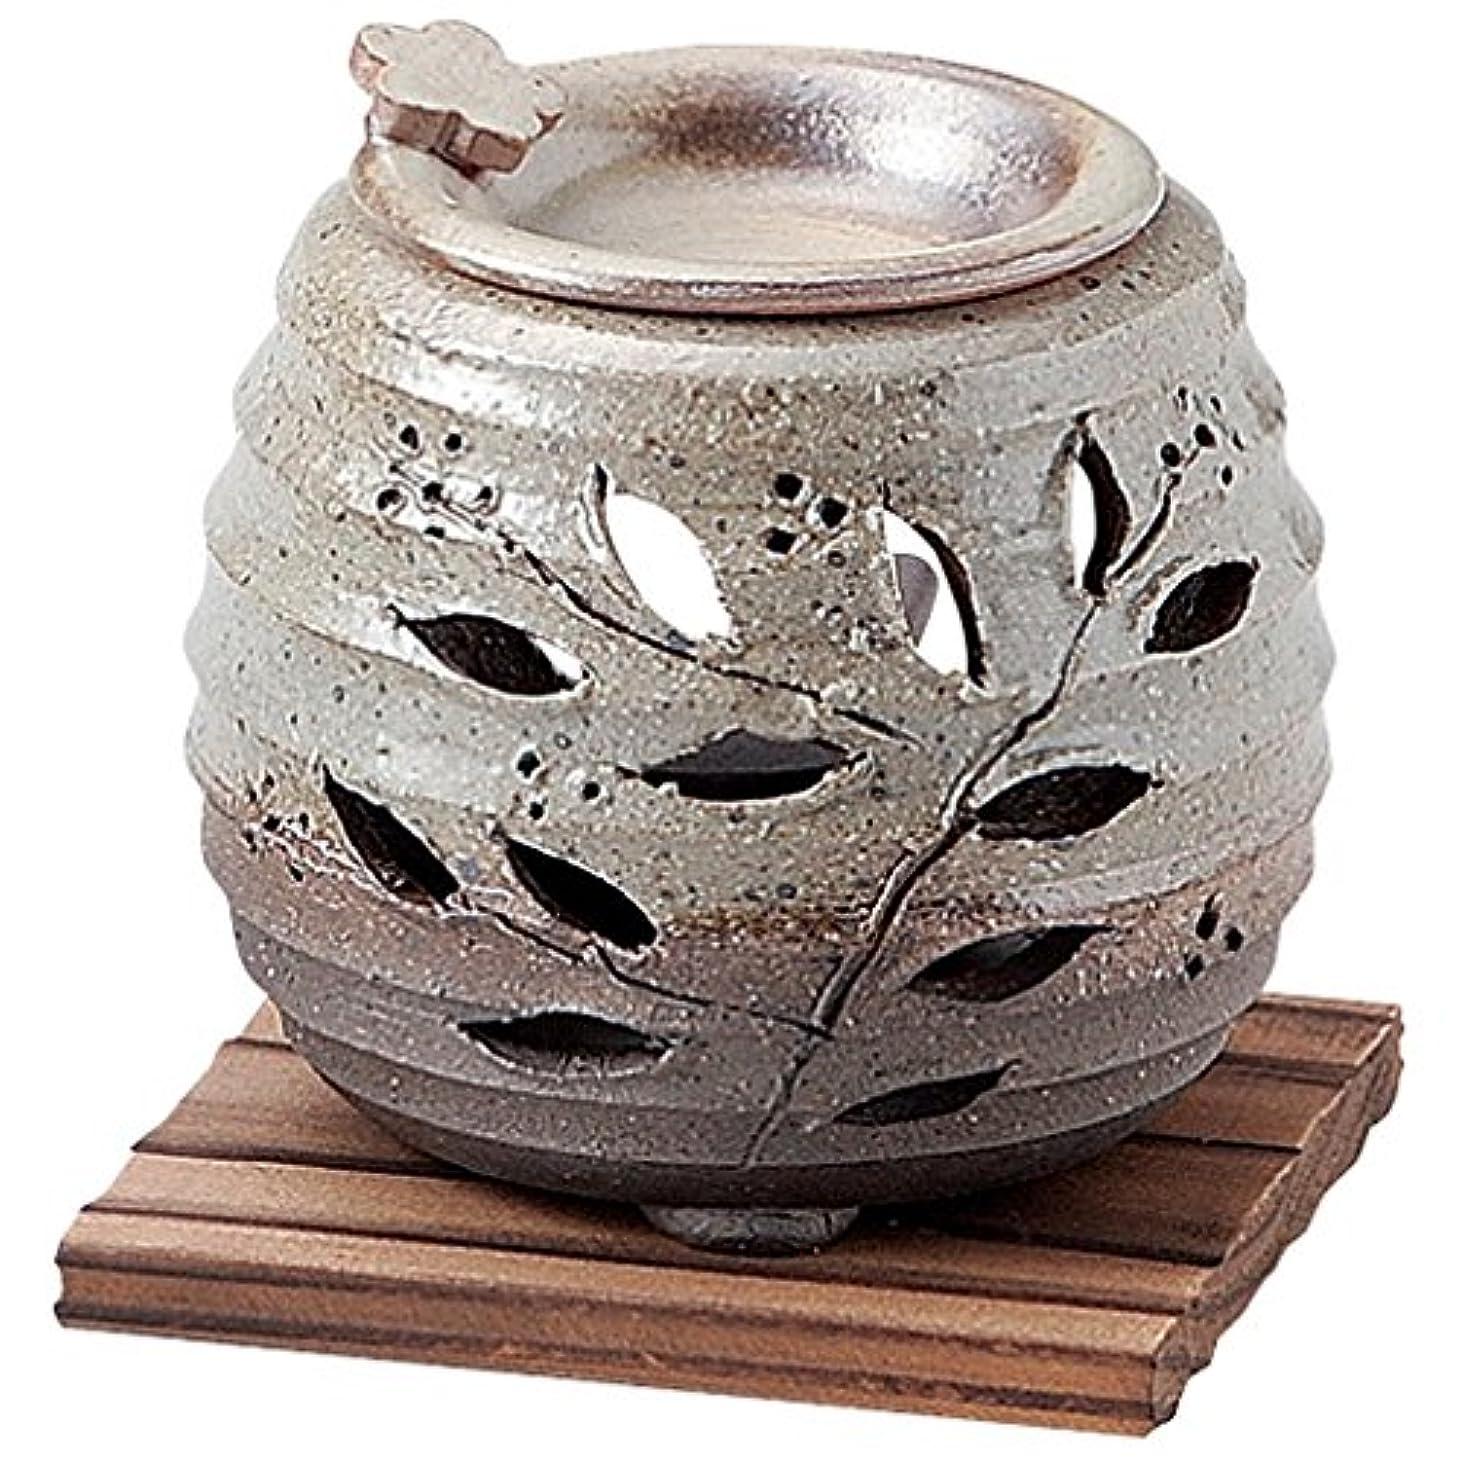 苦味花弁操る山下工芸 常滑焼 石龍緑灰釉花茶香炉 板付 10.5×11×11cm 13045750